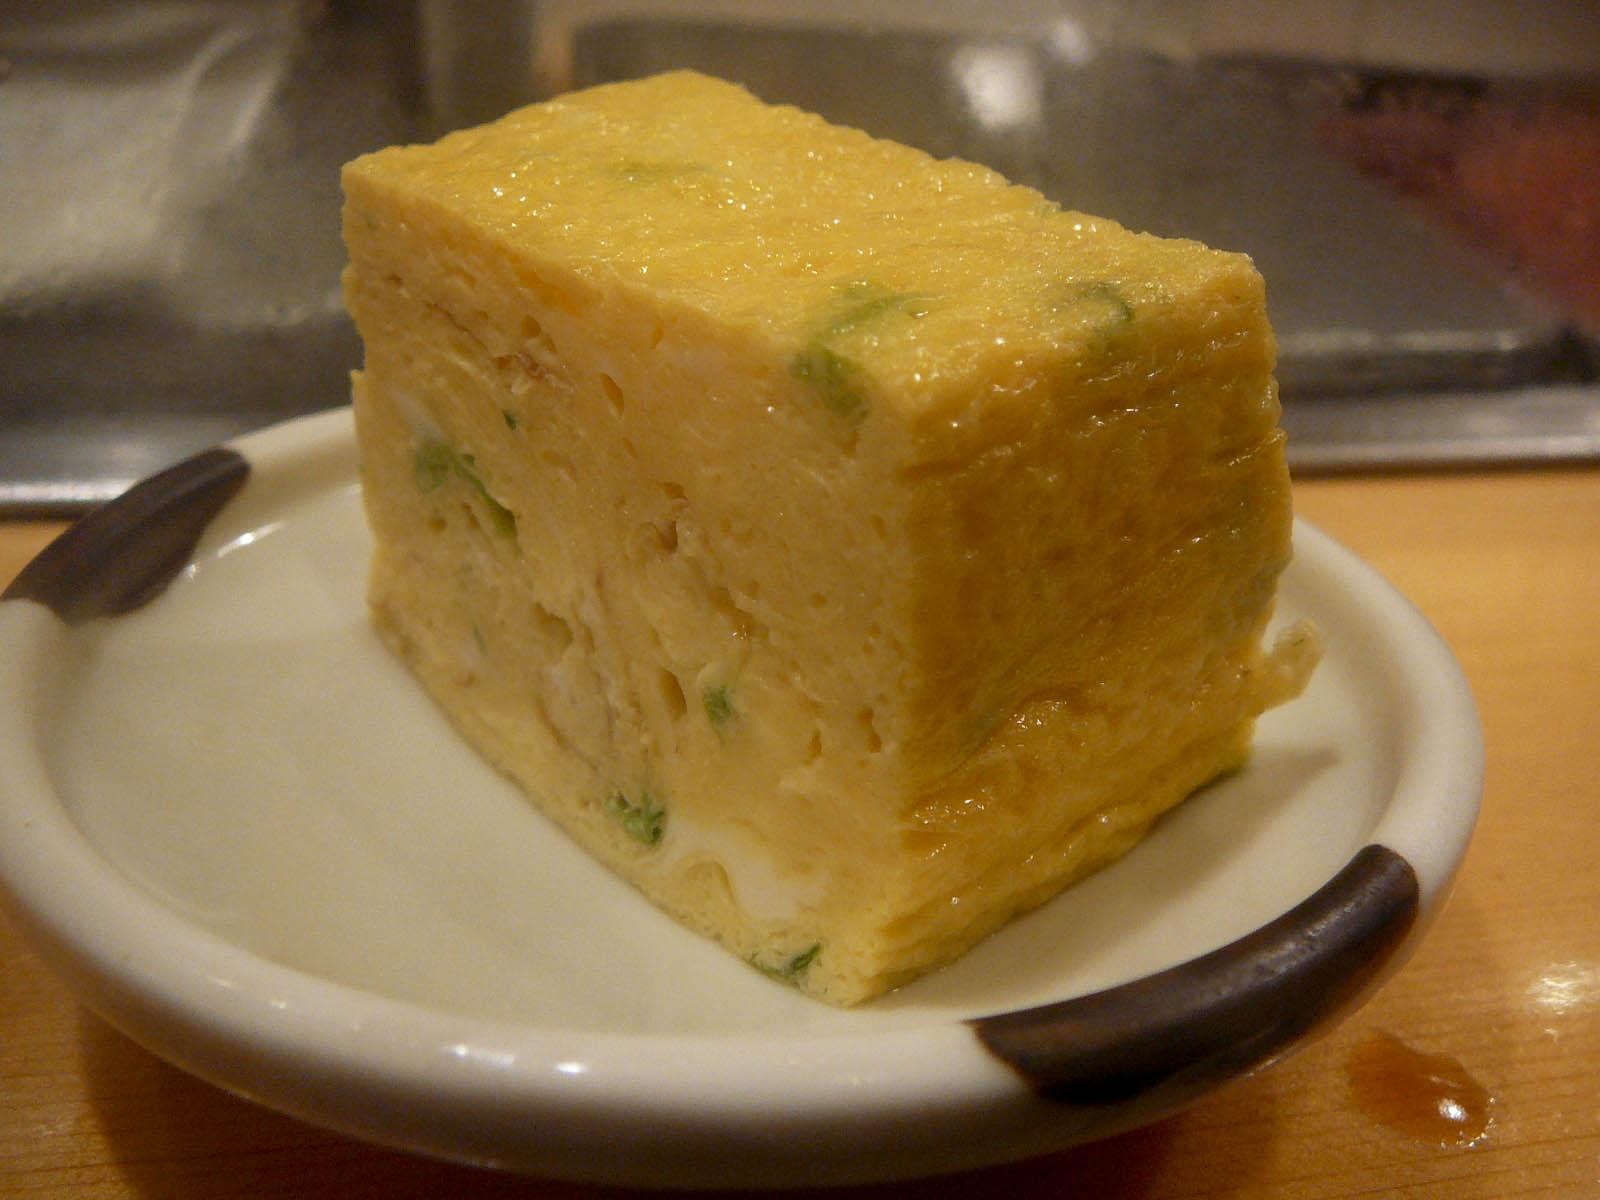 P1060850 焼きたての卵焼き。箸を入れると湯気がほわんと立ち上る。卵焼きは最後に食...